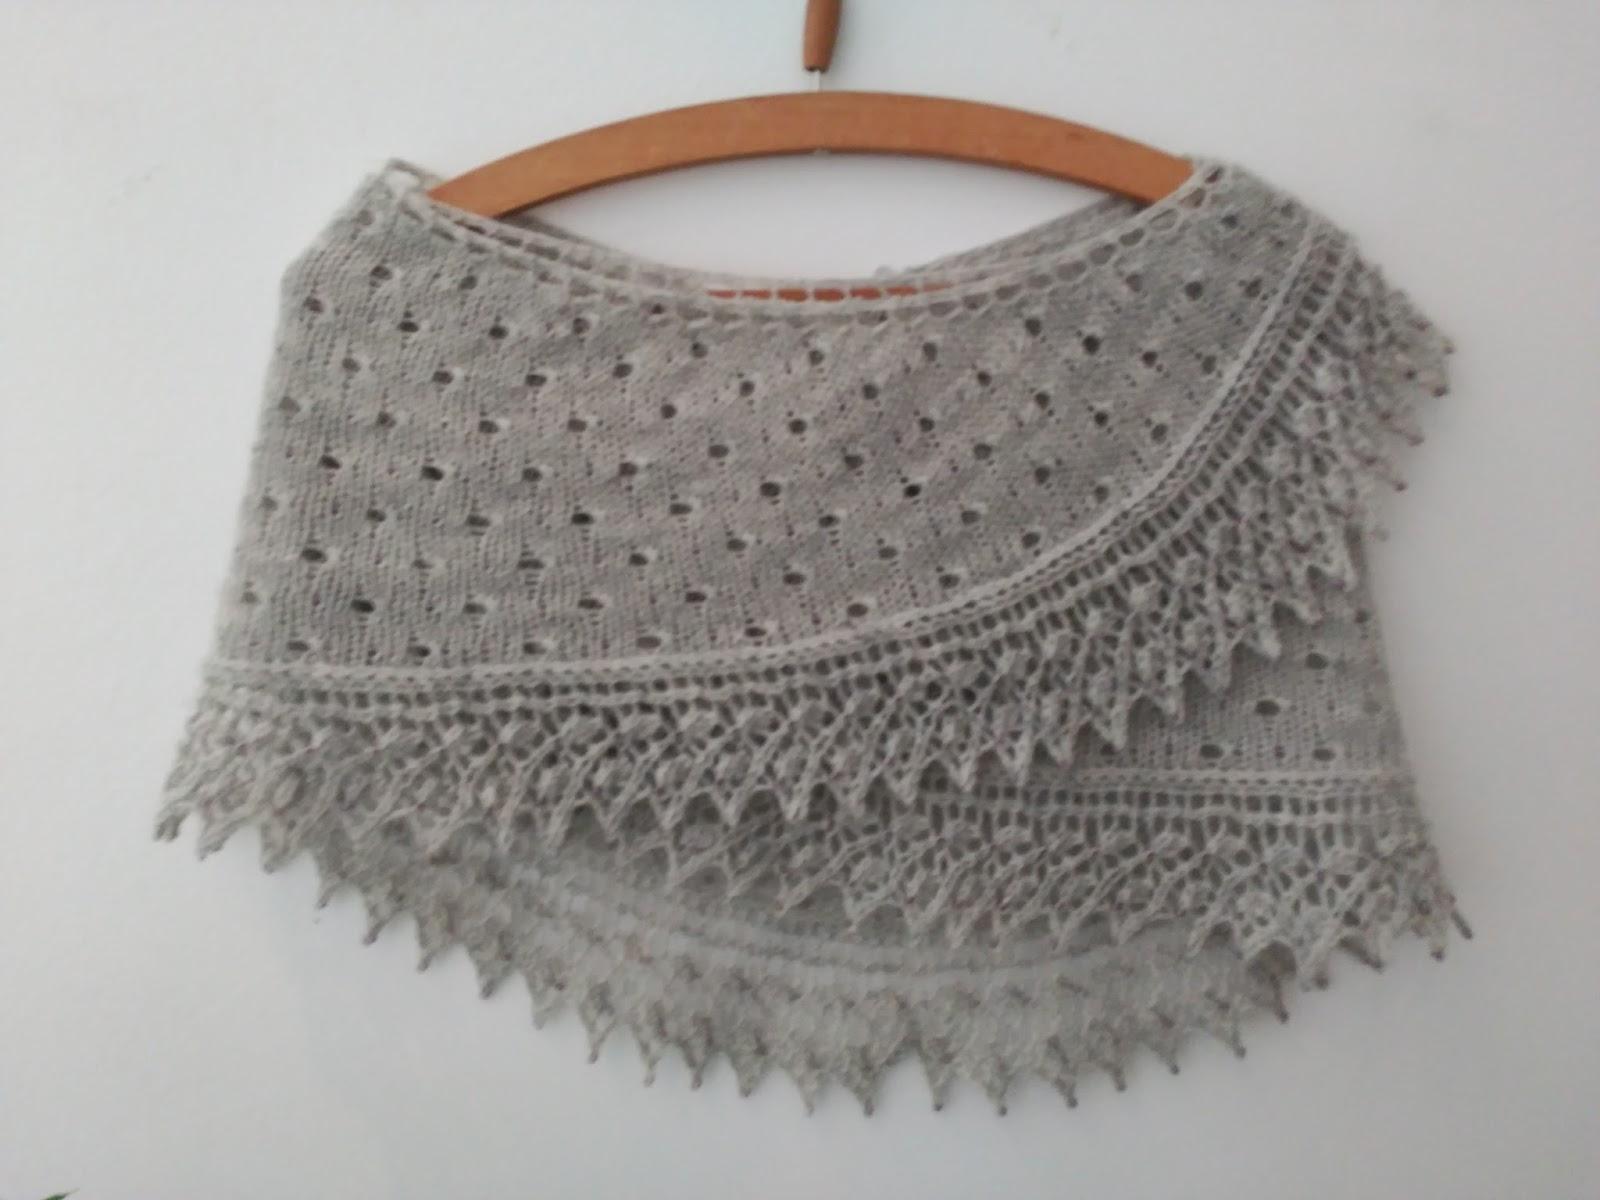 Bonito Chal Patrón De Crochet Libre Imagen - Manta de Tejer Patrón ...